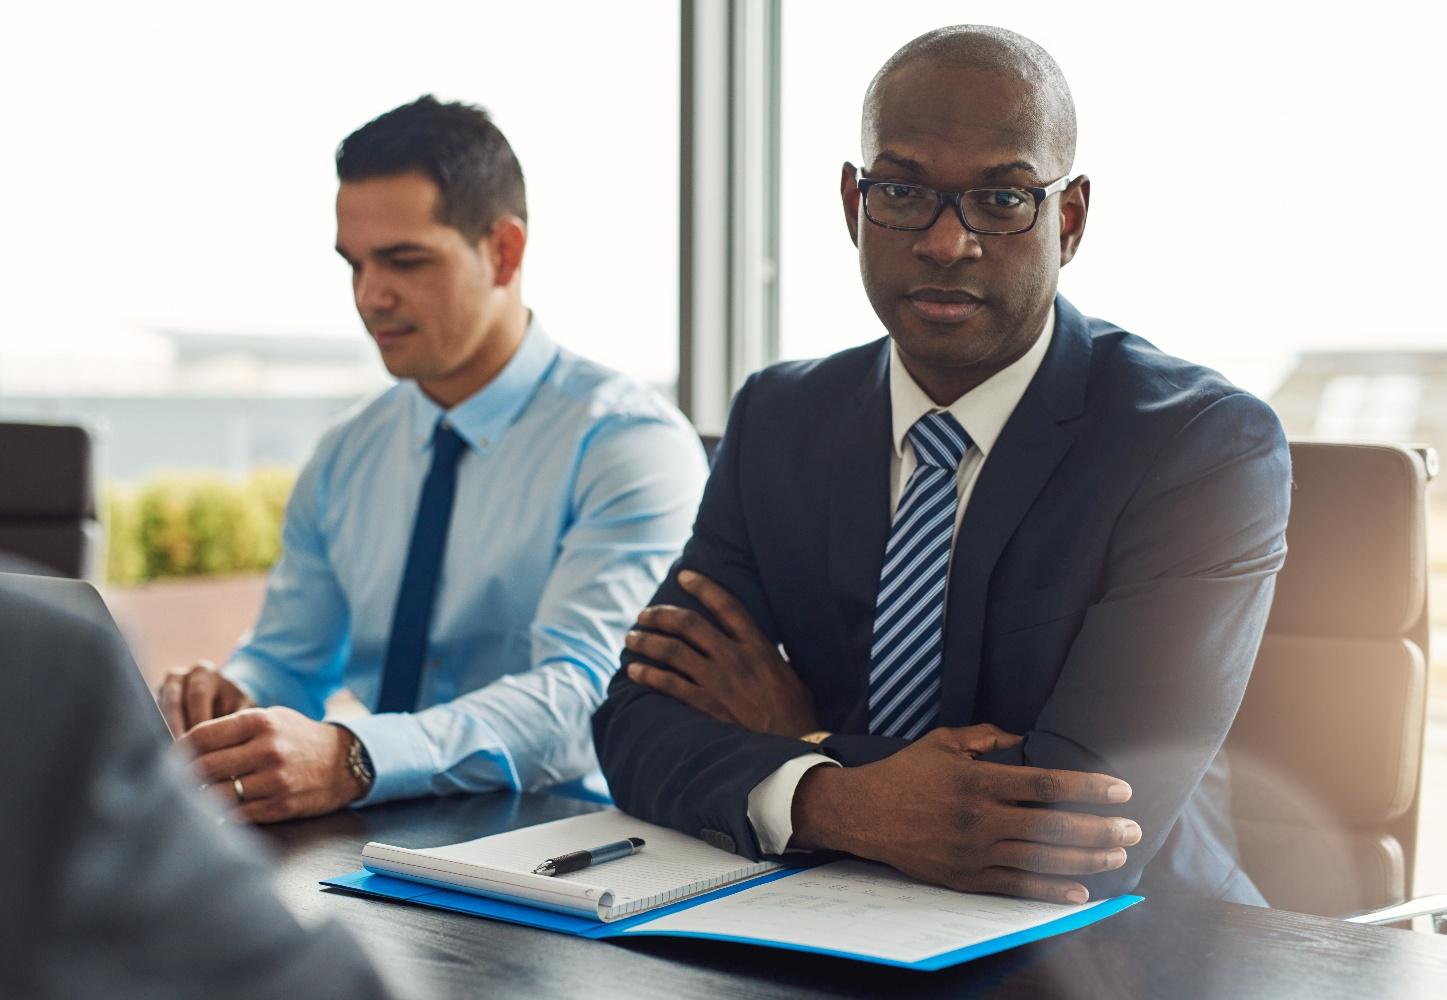 executive-multiracial-business-team-A86RXJD-1